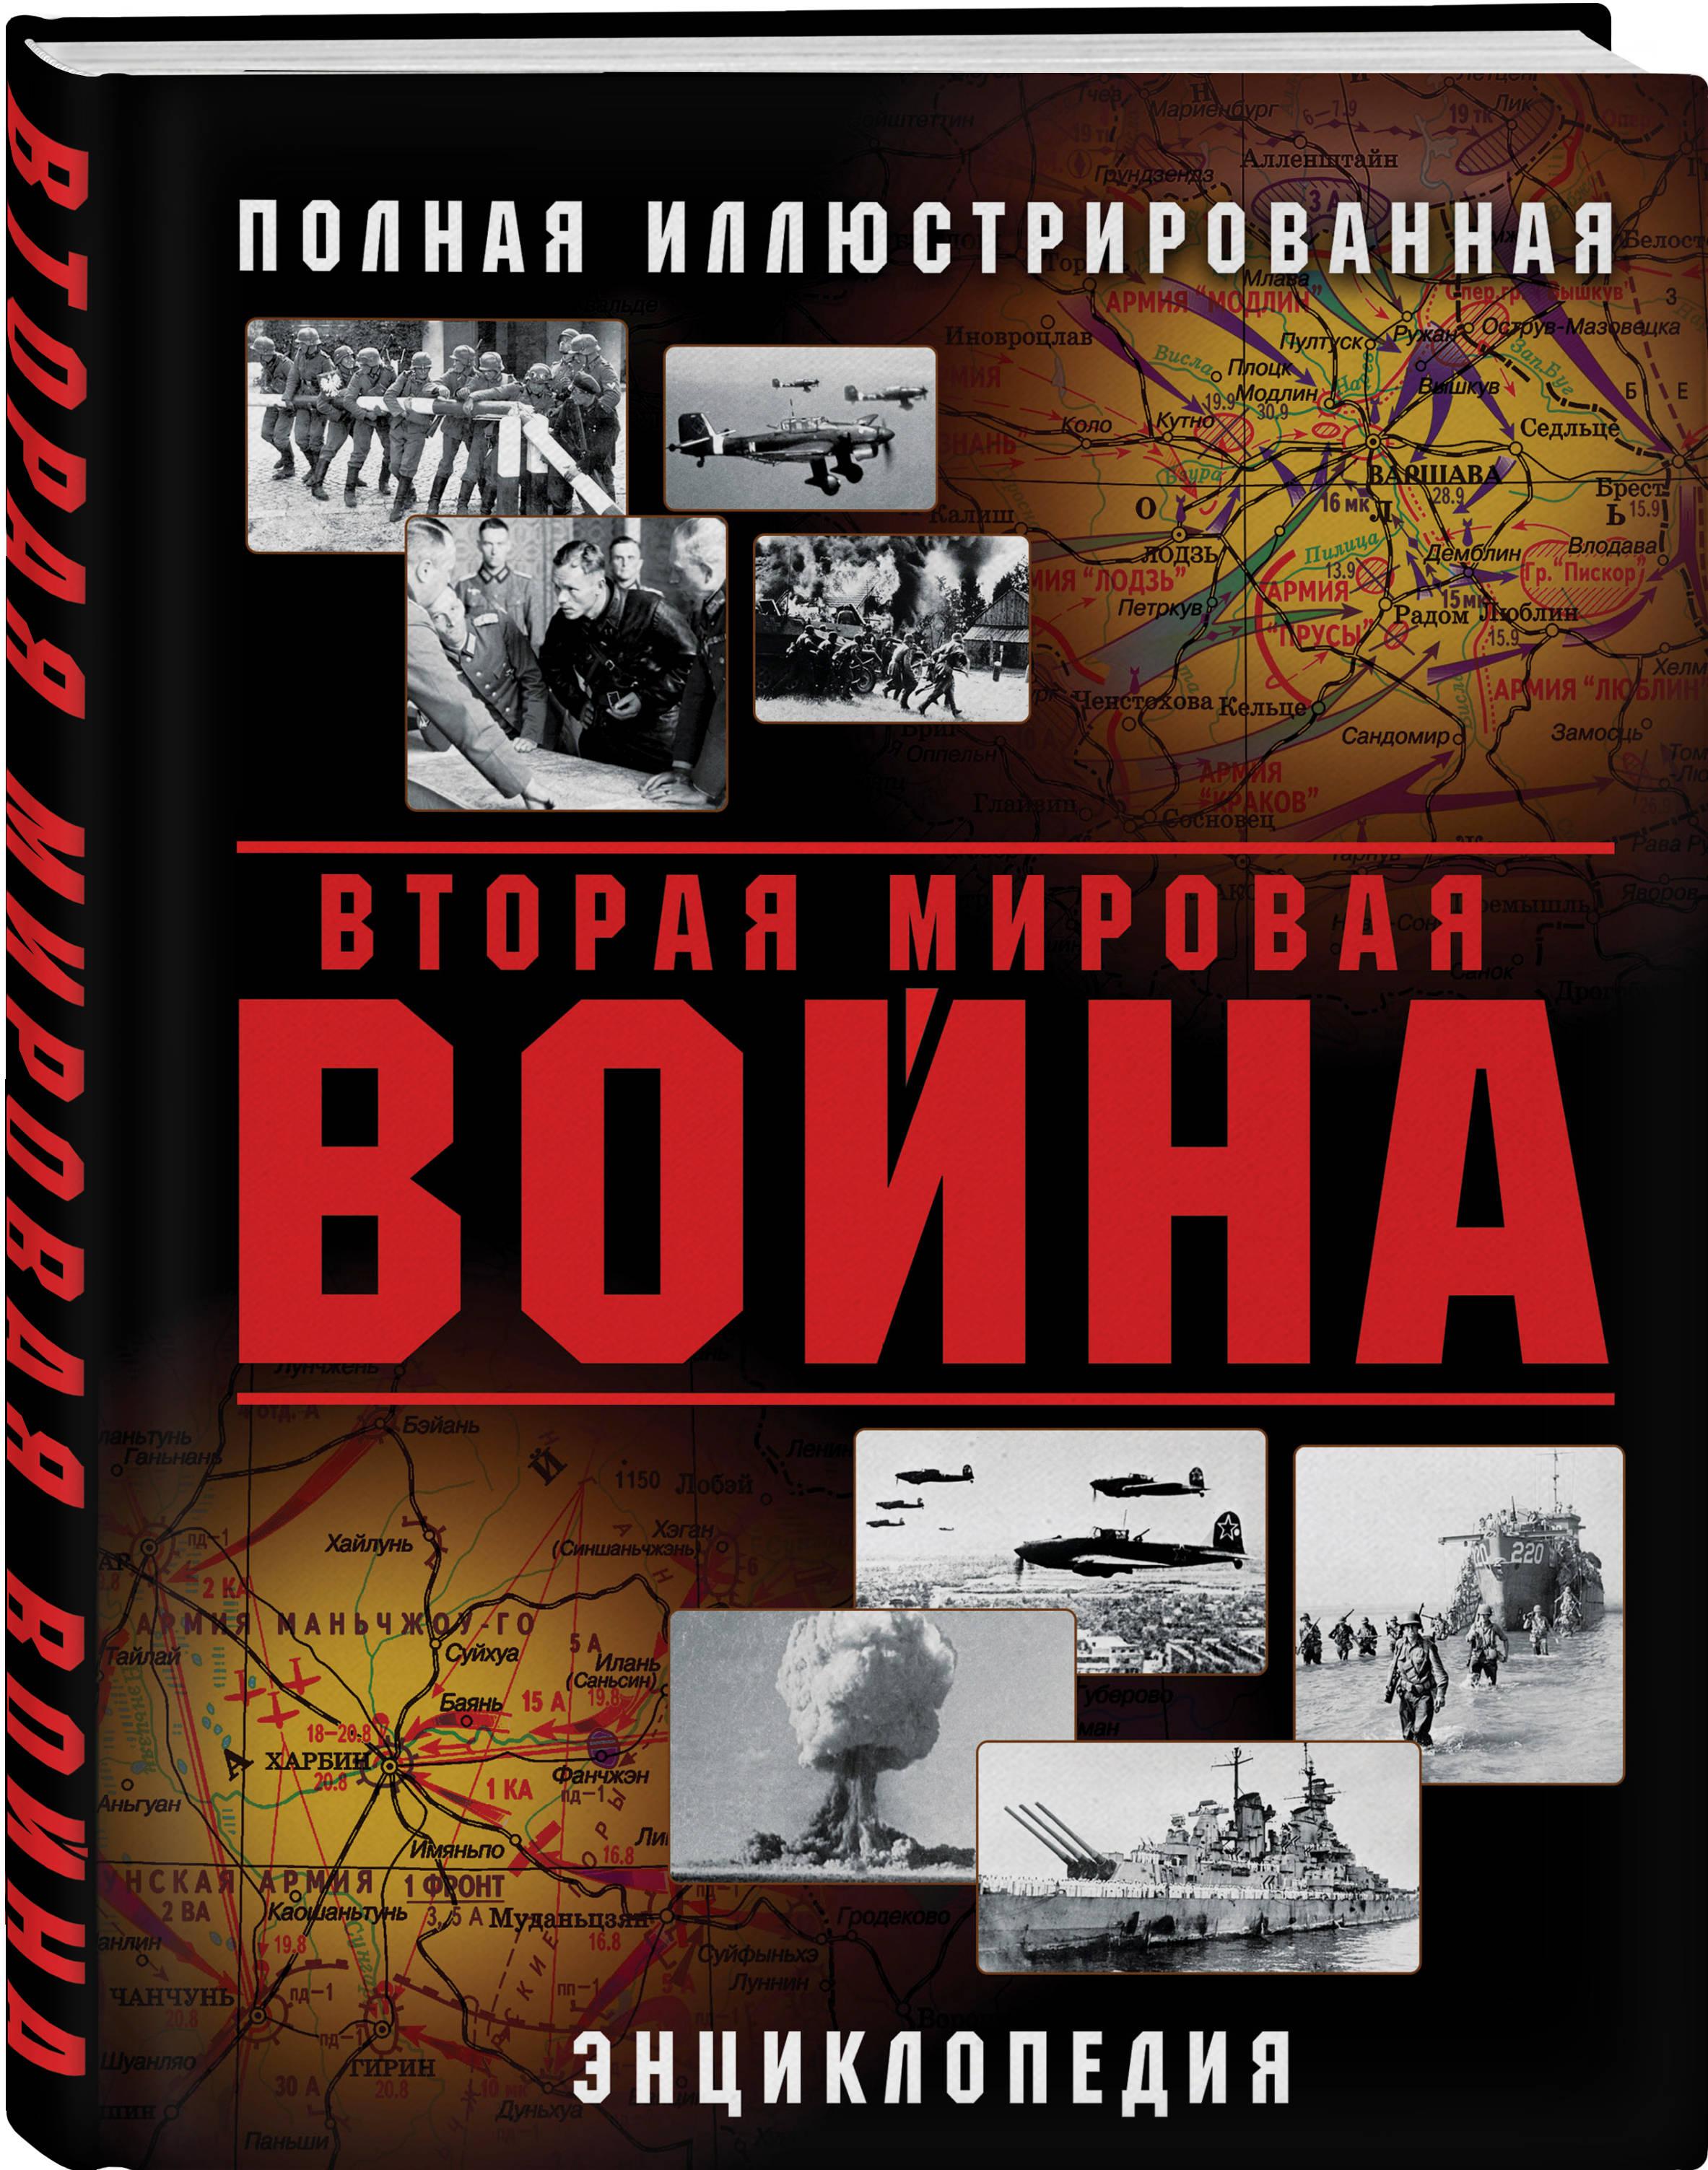 Аничкин Н.А., сост. Вторая Мировая война. Полная иллюстрированная энциклопедия